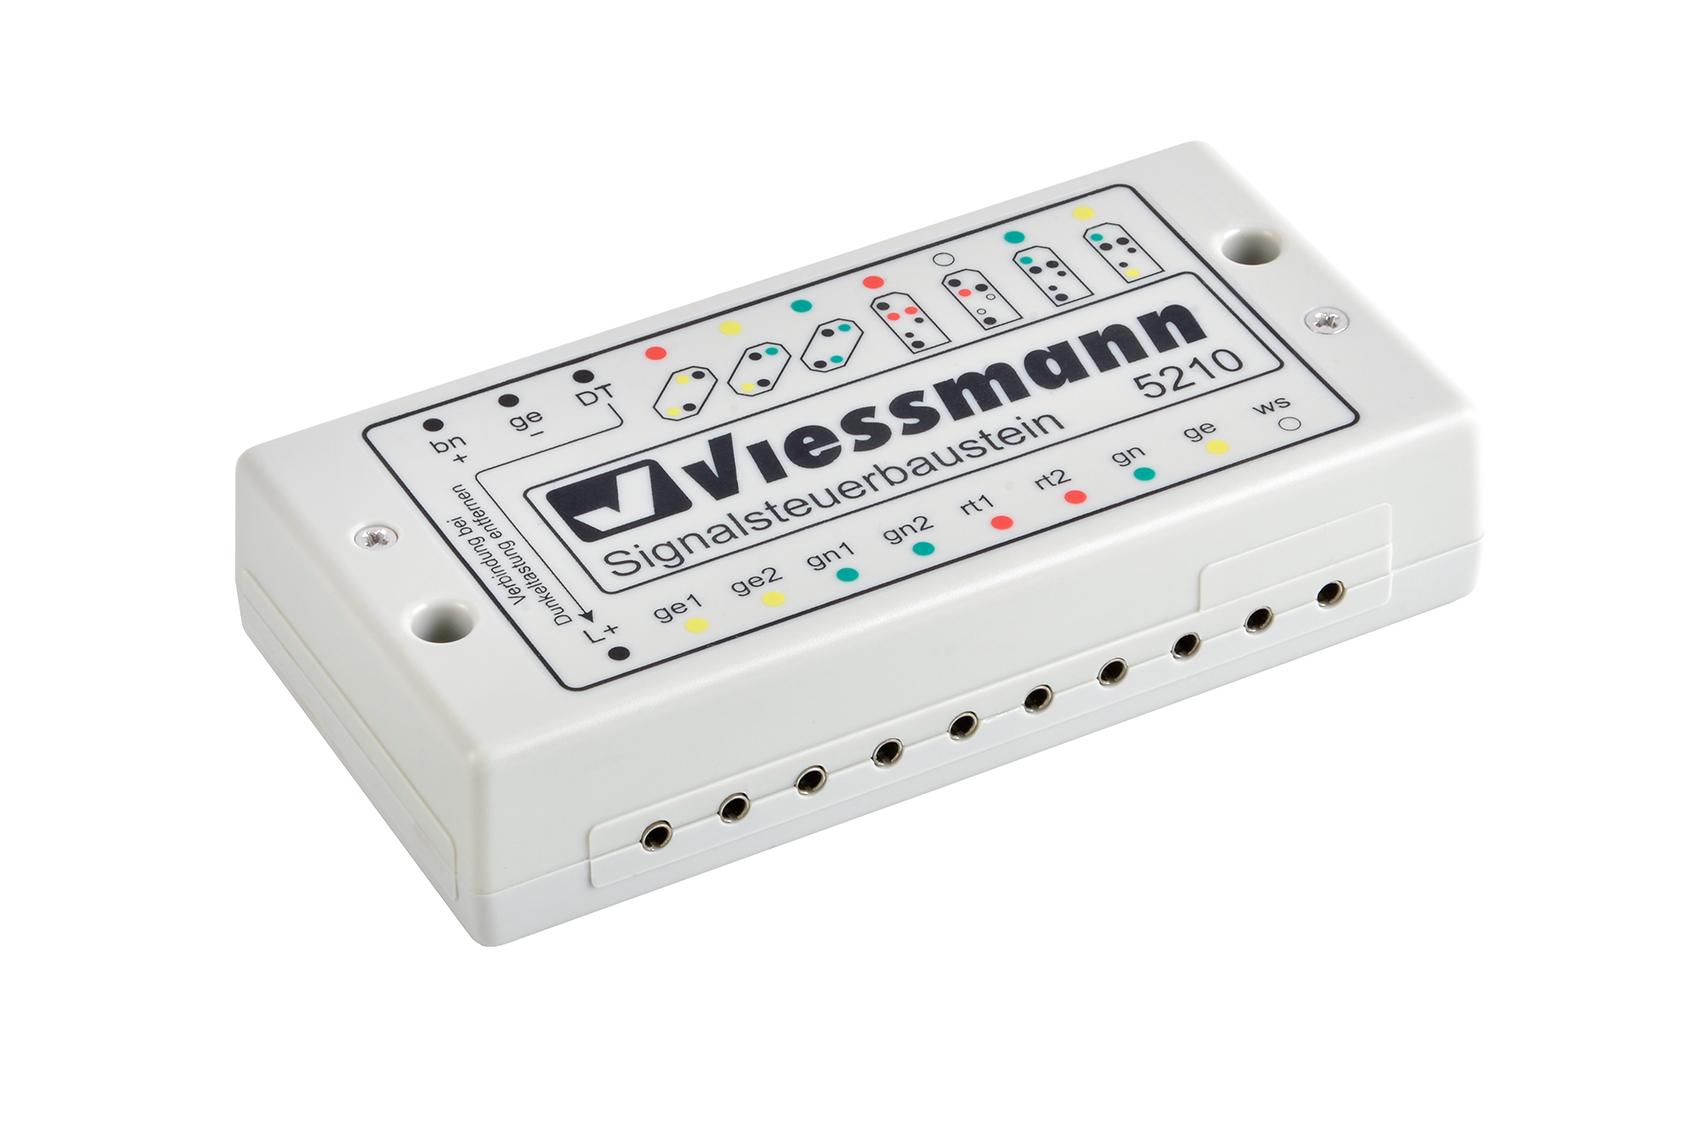 Viessmann 5210 <br/>Signalsteuerbaustein für Licht